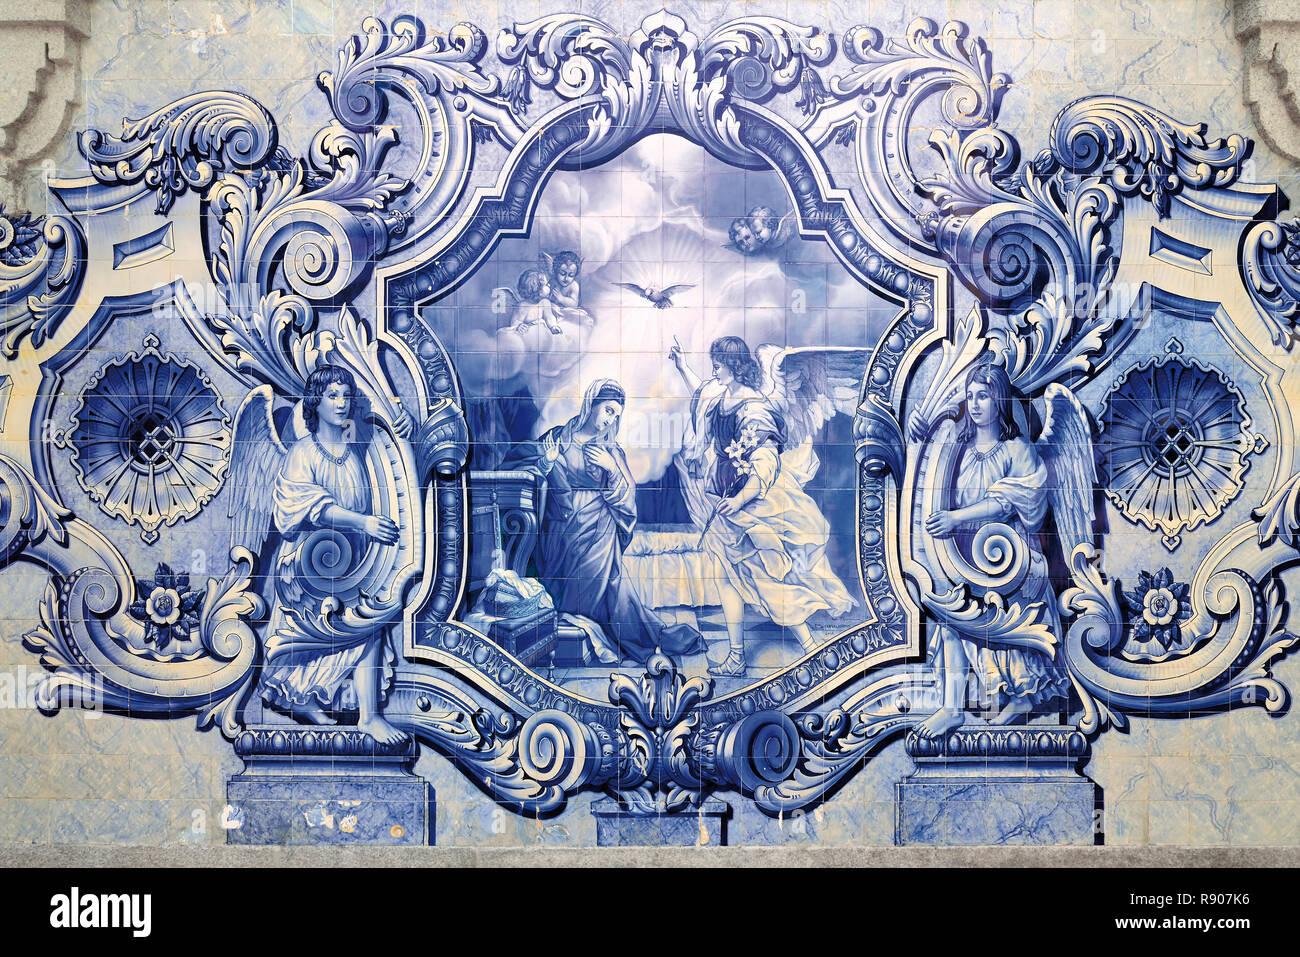 Azul y blanco mosaico histórico pintura con motivo religioso Imagen De Stock